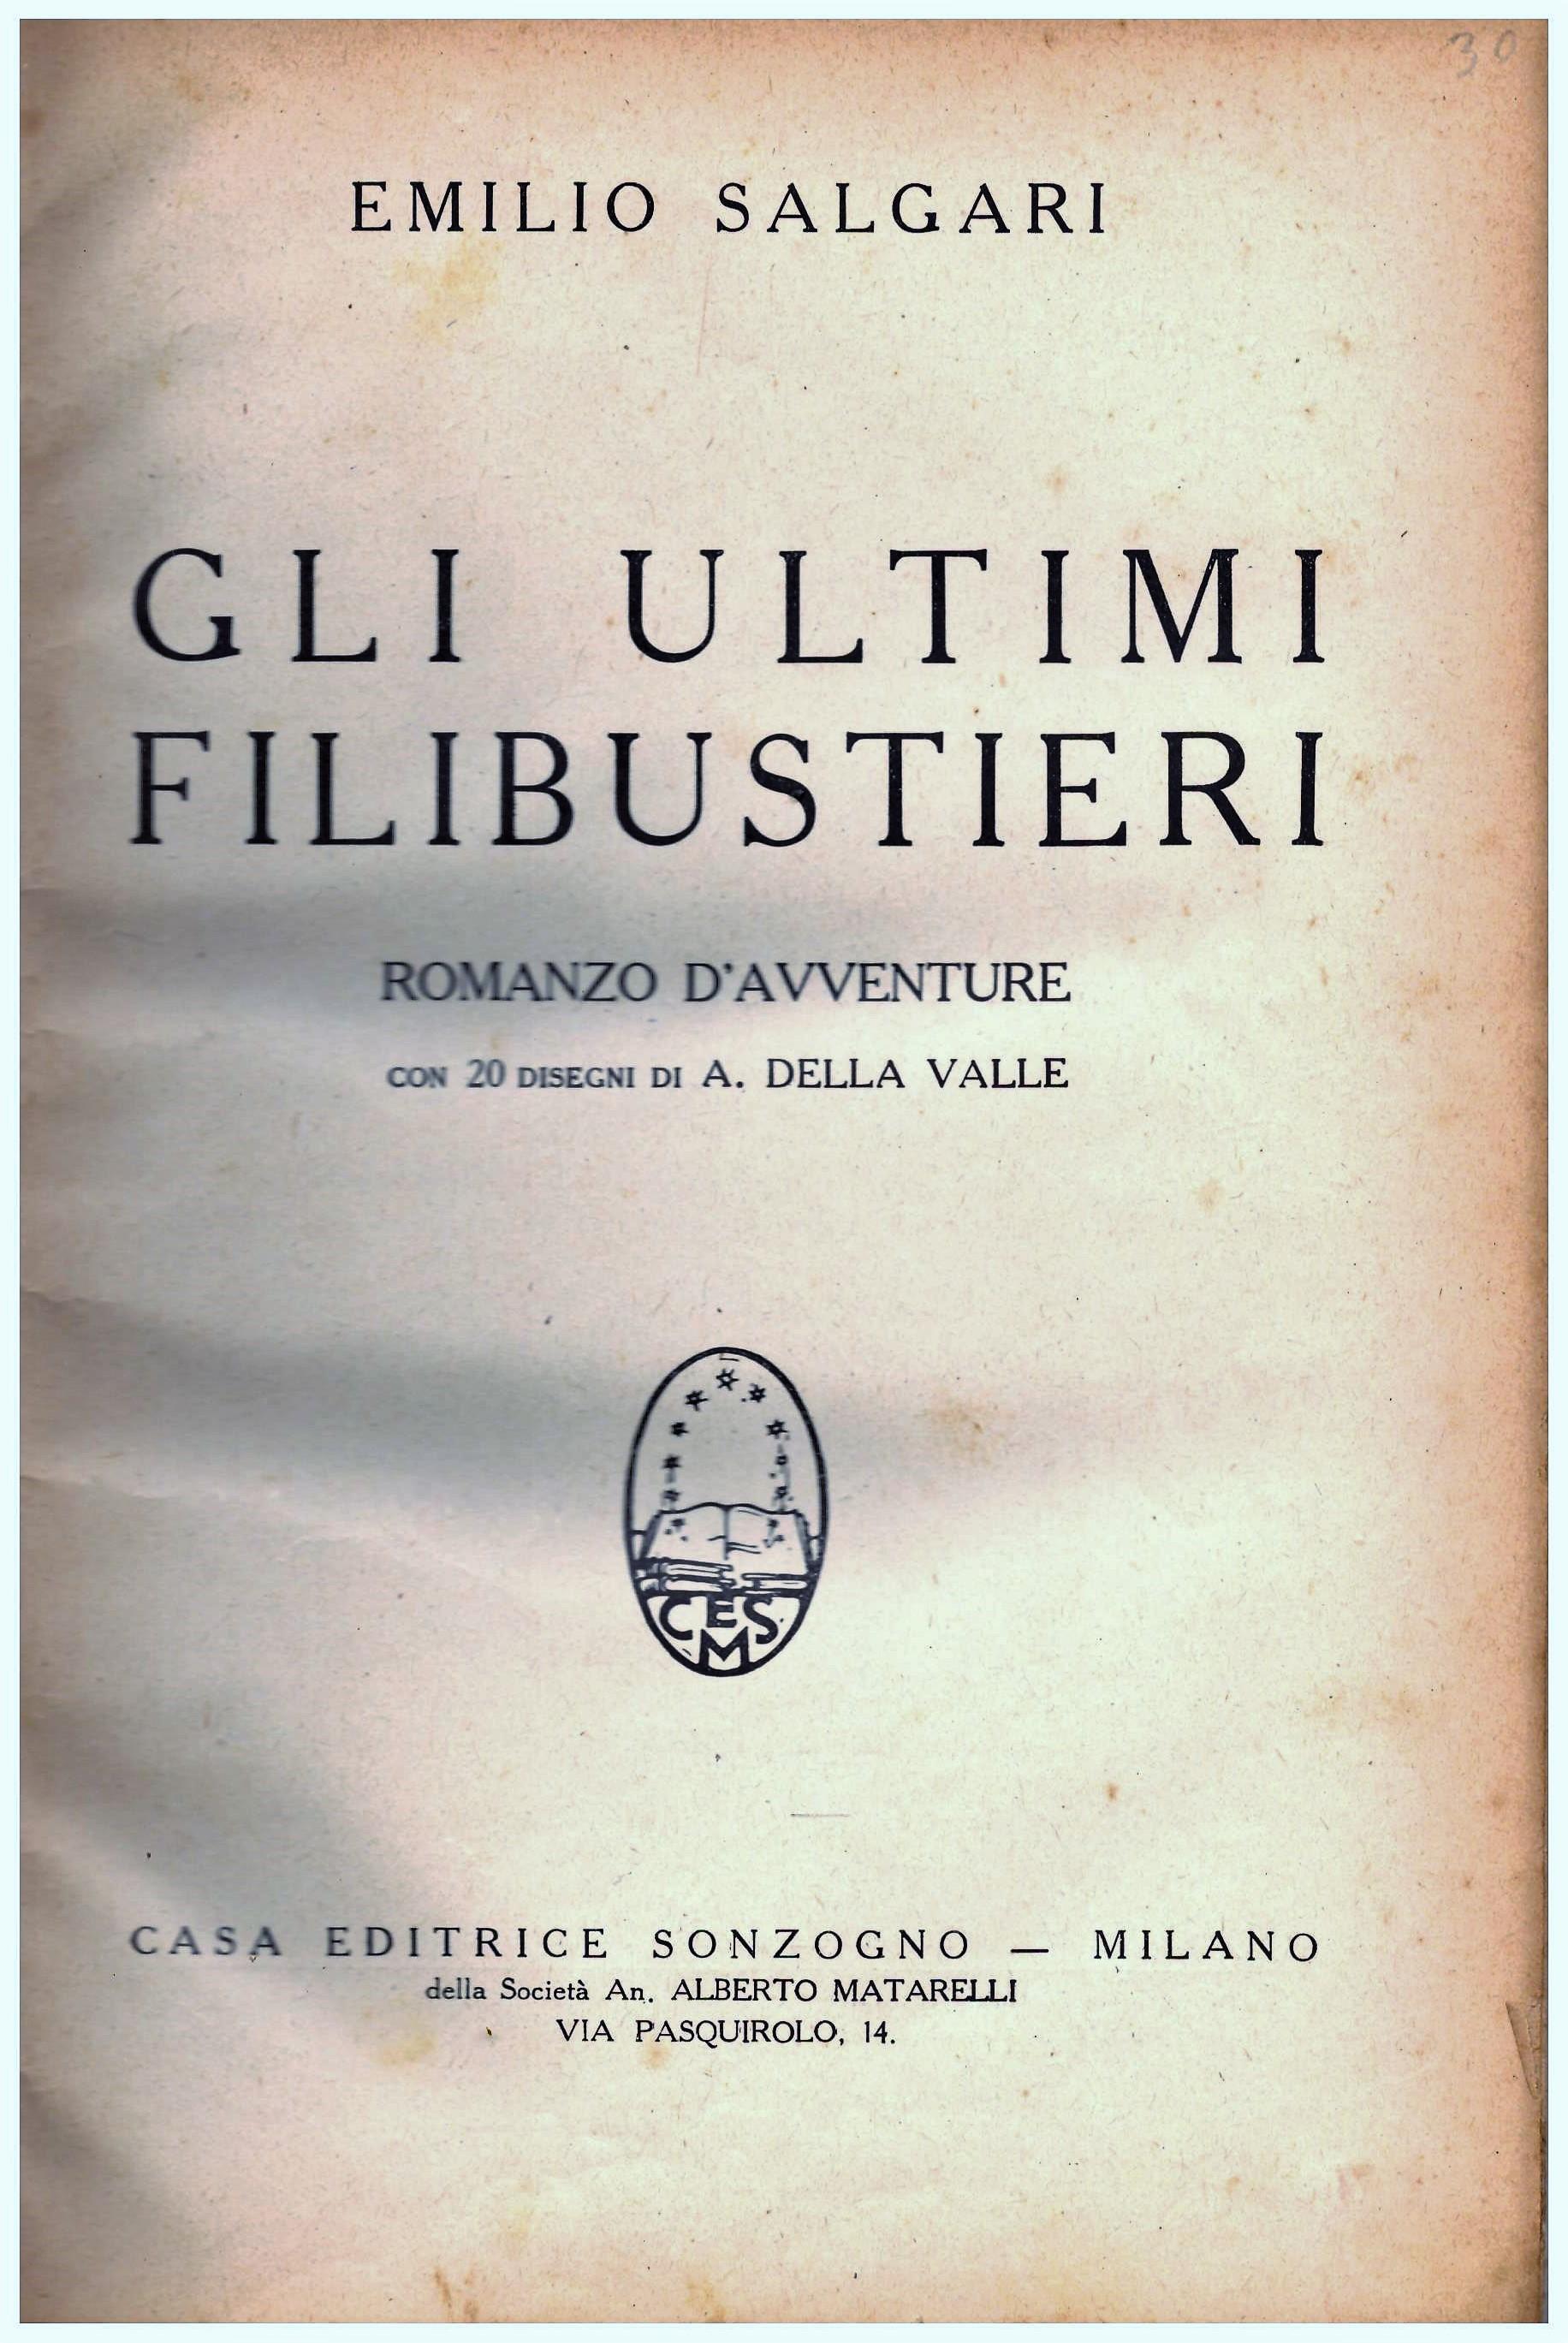 Titolo: Gli ultimi filibustieri. Autore: Emilio Salgari  Editore: casa editrice Sonzogno, Milano 1929